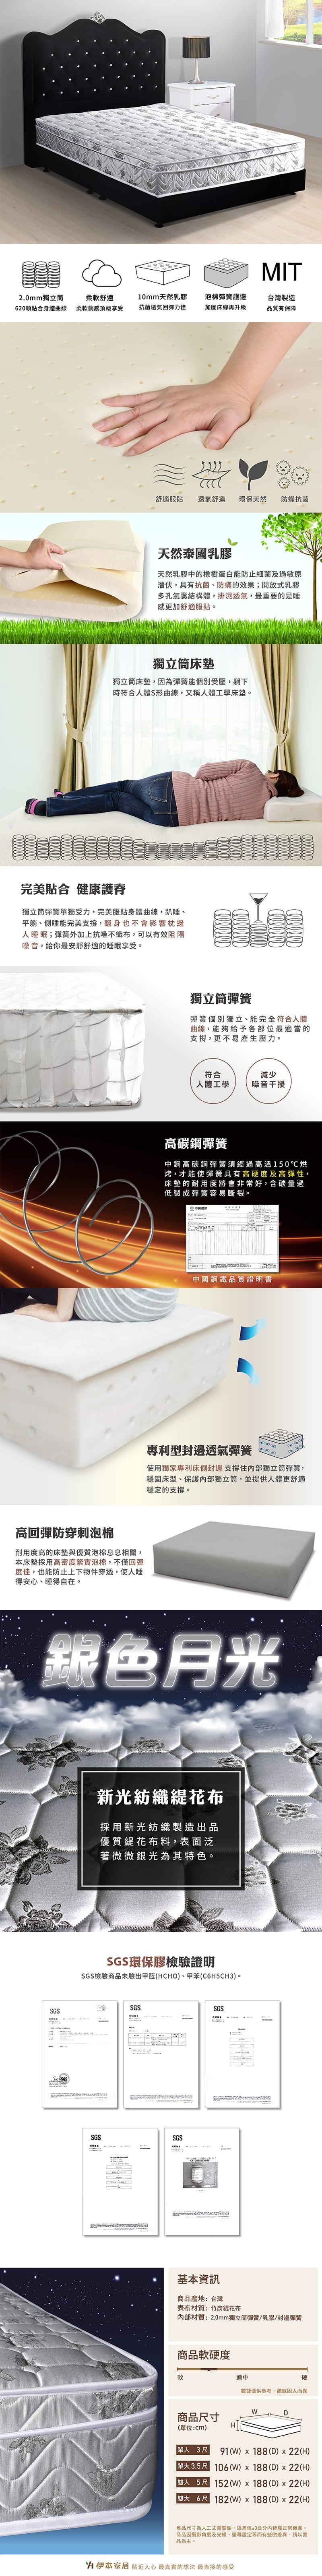 乳膠軟式獨立筒床墊 雙人加大6尺(水晶系列)